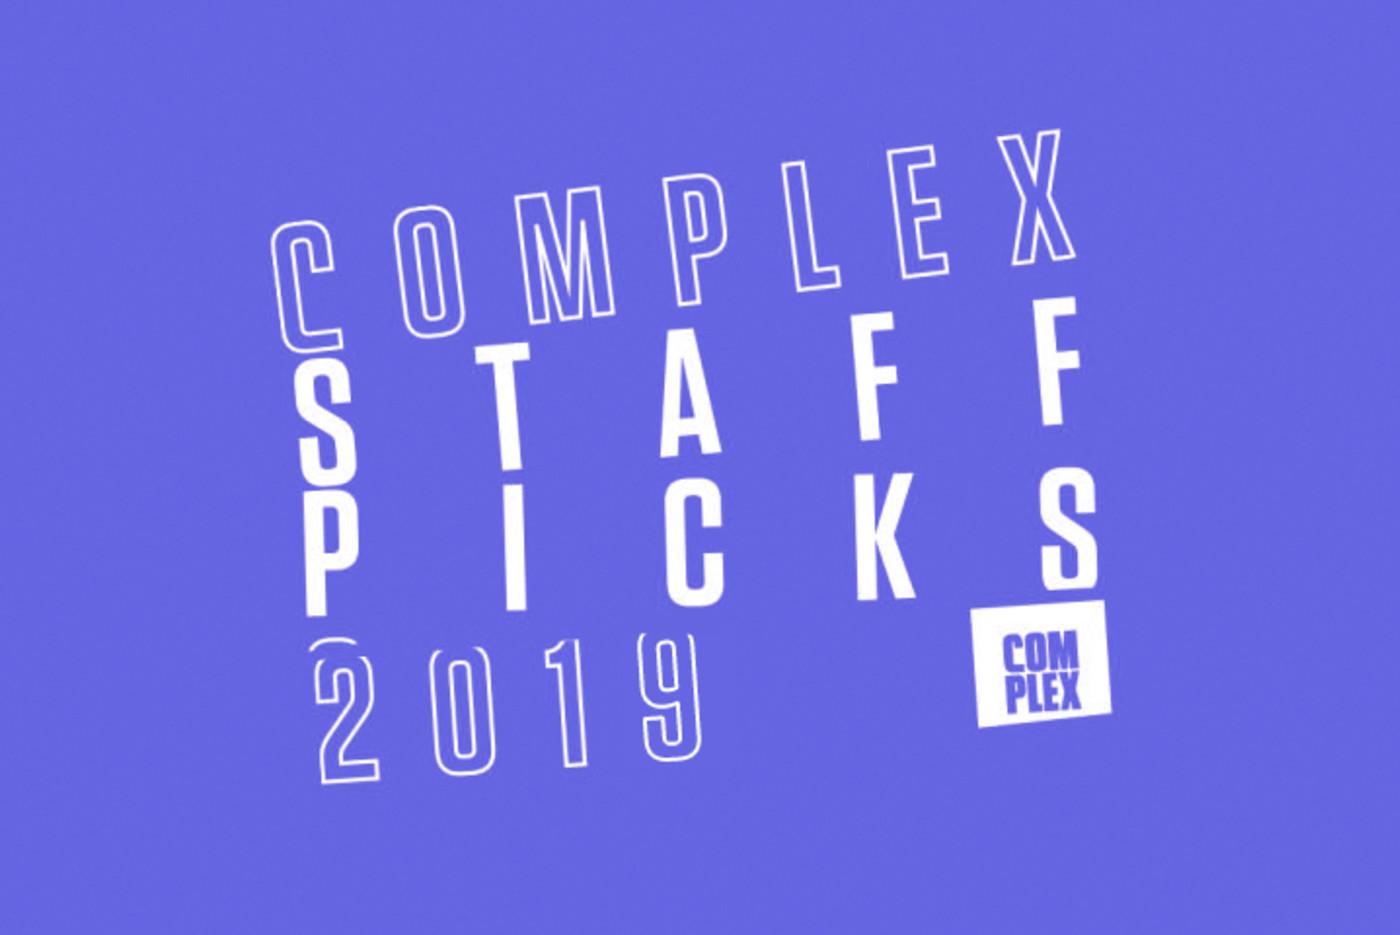 Complex Staff Picks 2019